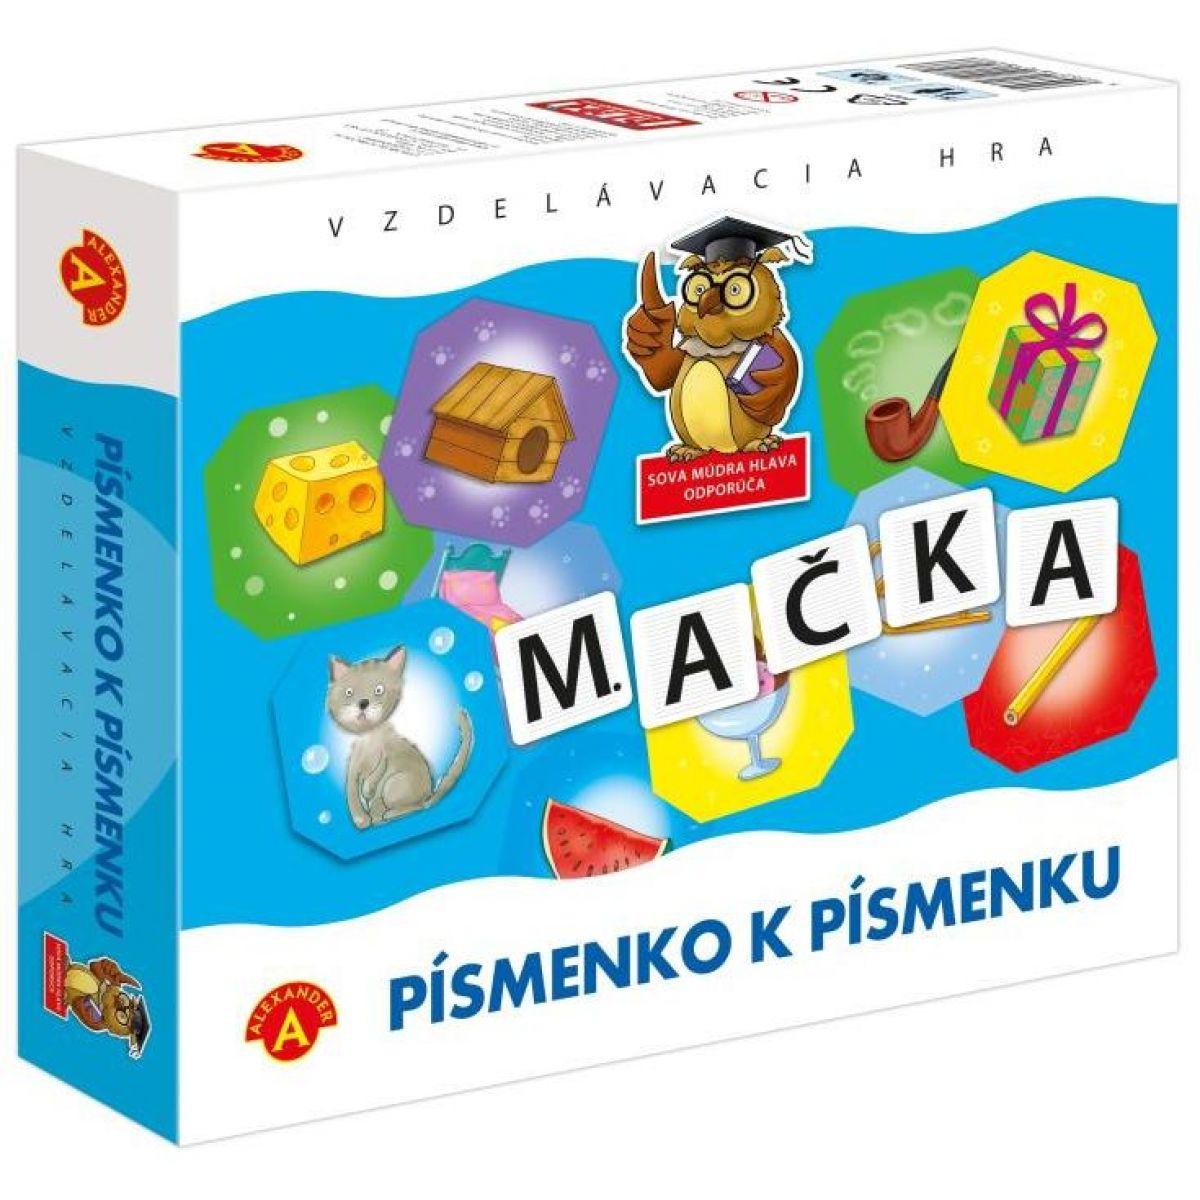 Alexander Písmenko k písmenku slovenská verzia